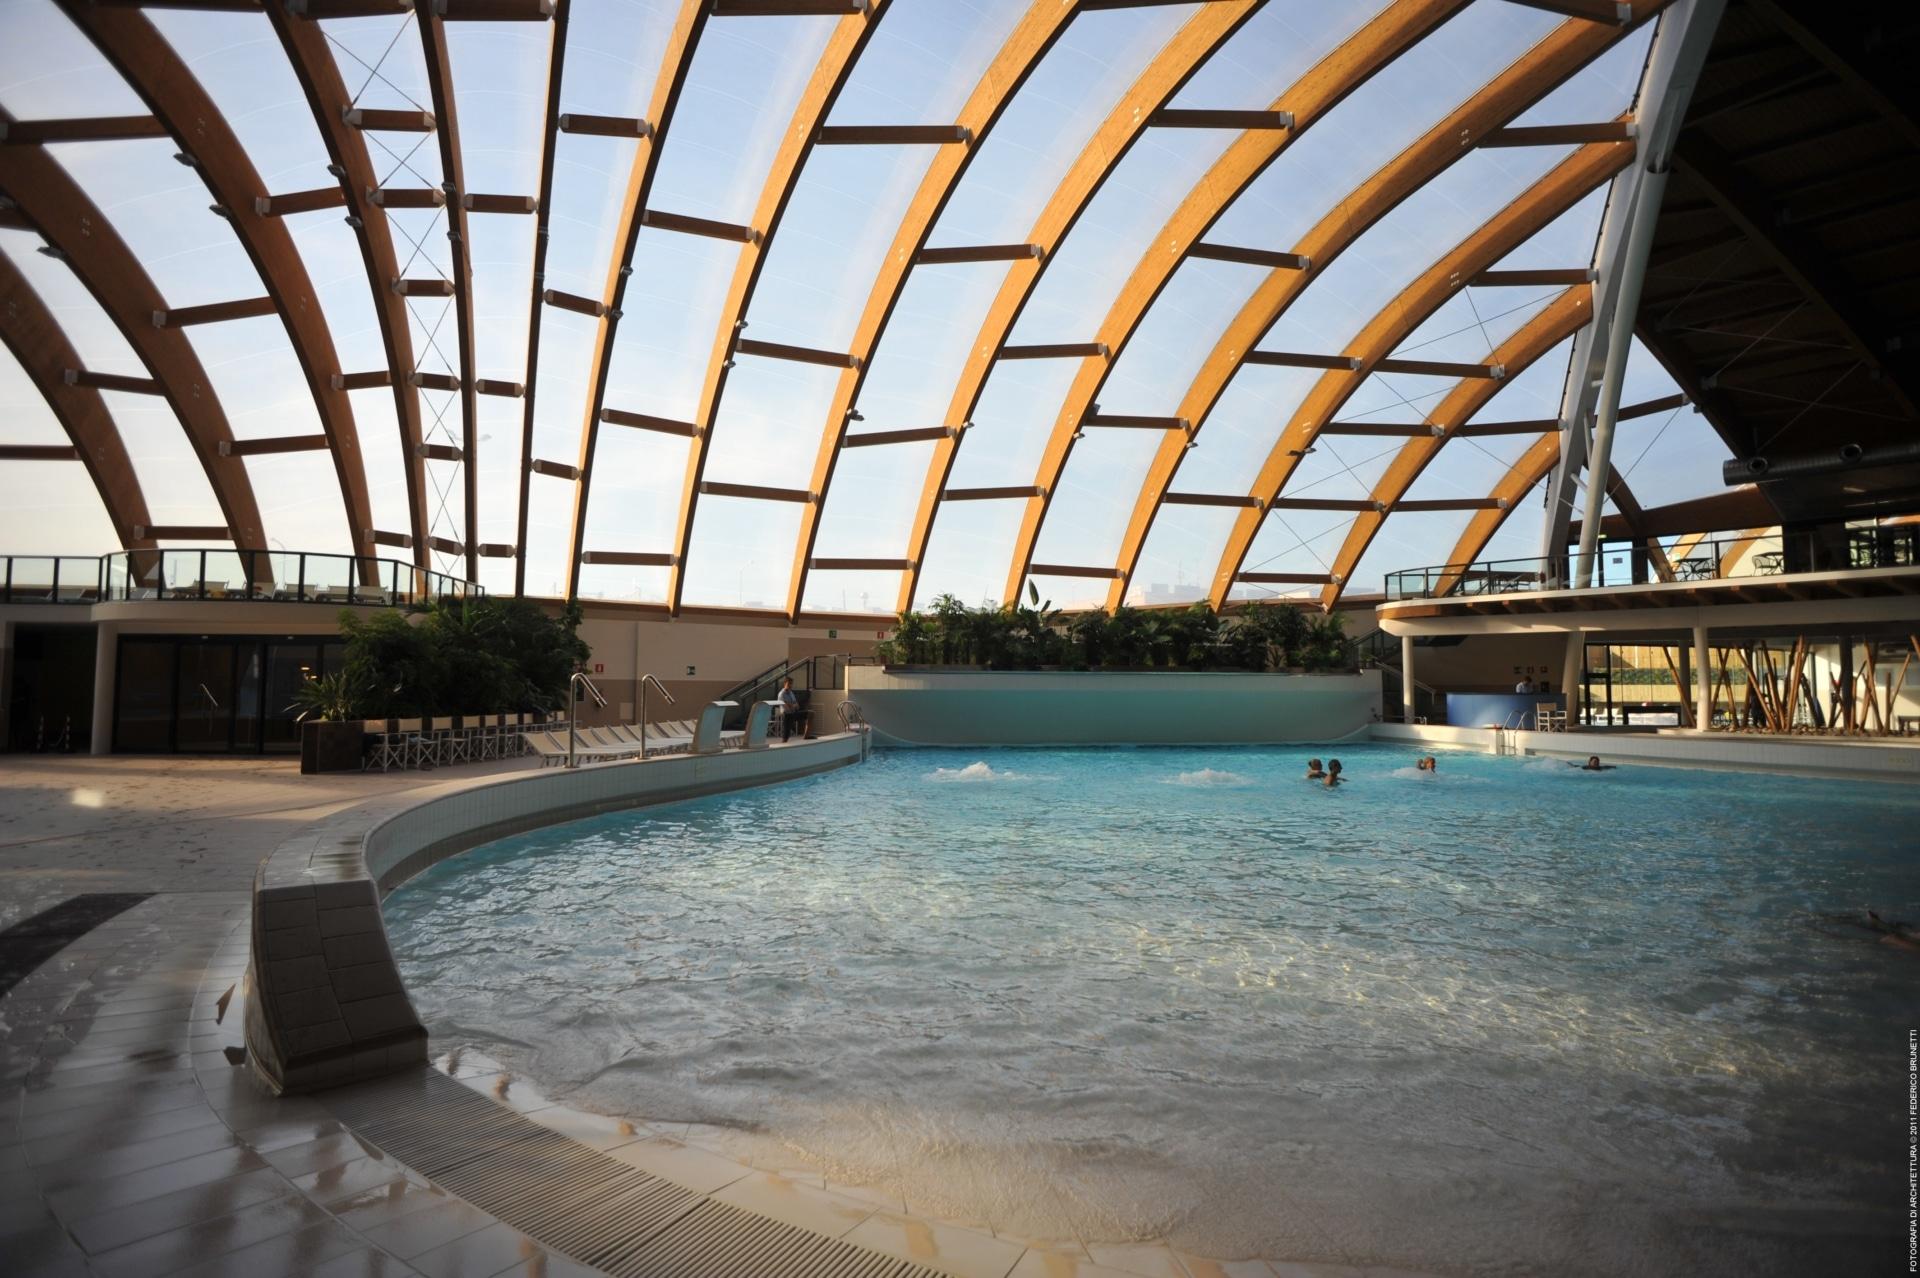 Um die Zufriedenheit der Besucher und Mitarbeiter im Aquapark di Concorezzo zu gewährleisten, haben wir ein Texlon® ETFE-Dach mit außergewöhnlichen Lichtdurchlässigkeitseigenschaften installiert.